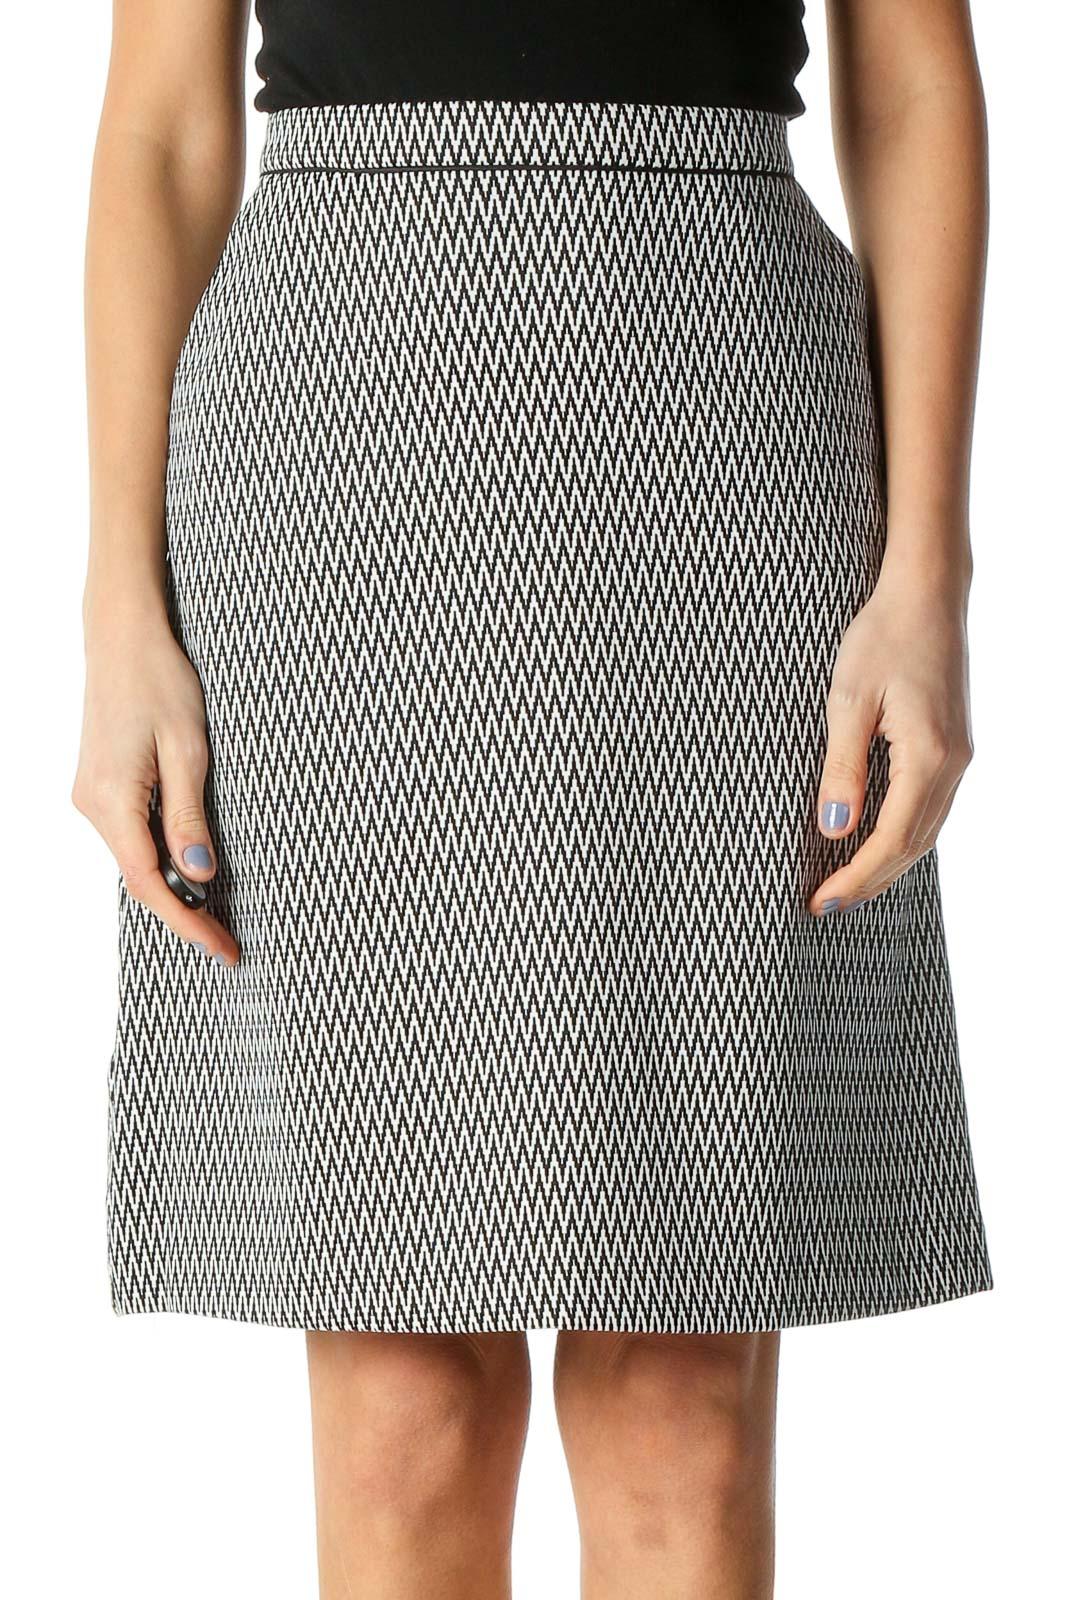 White Chevron Brunch A-Line Skirt Front